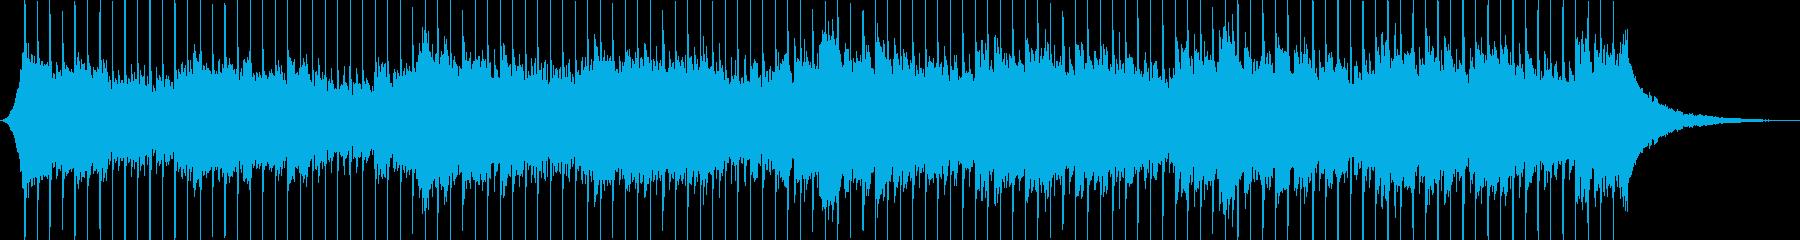 企業VP115、シンプル、アンビ、爽快bの再生済みの波形